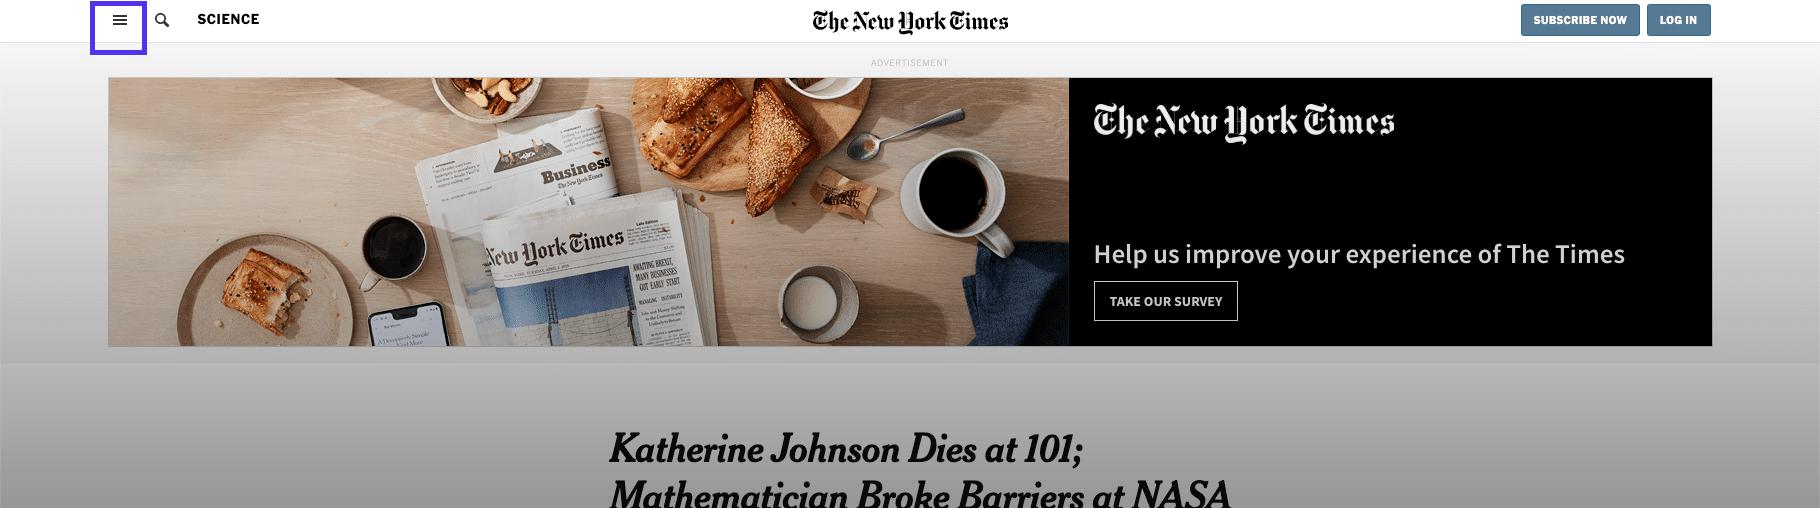 Artigo do NYT - menu de cabeçalho